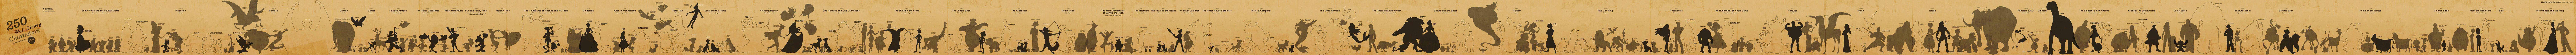 Comparação de tamanho dos personagens Disney.